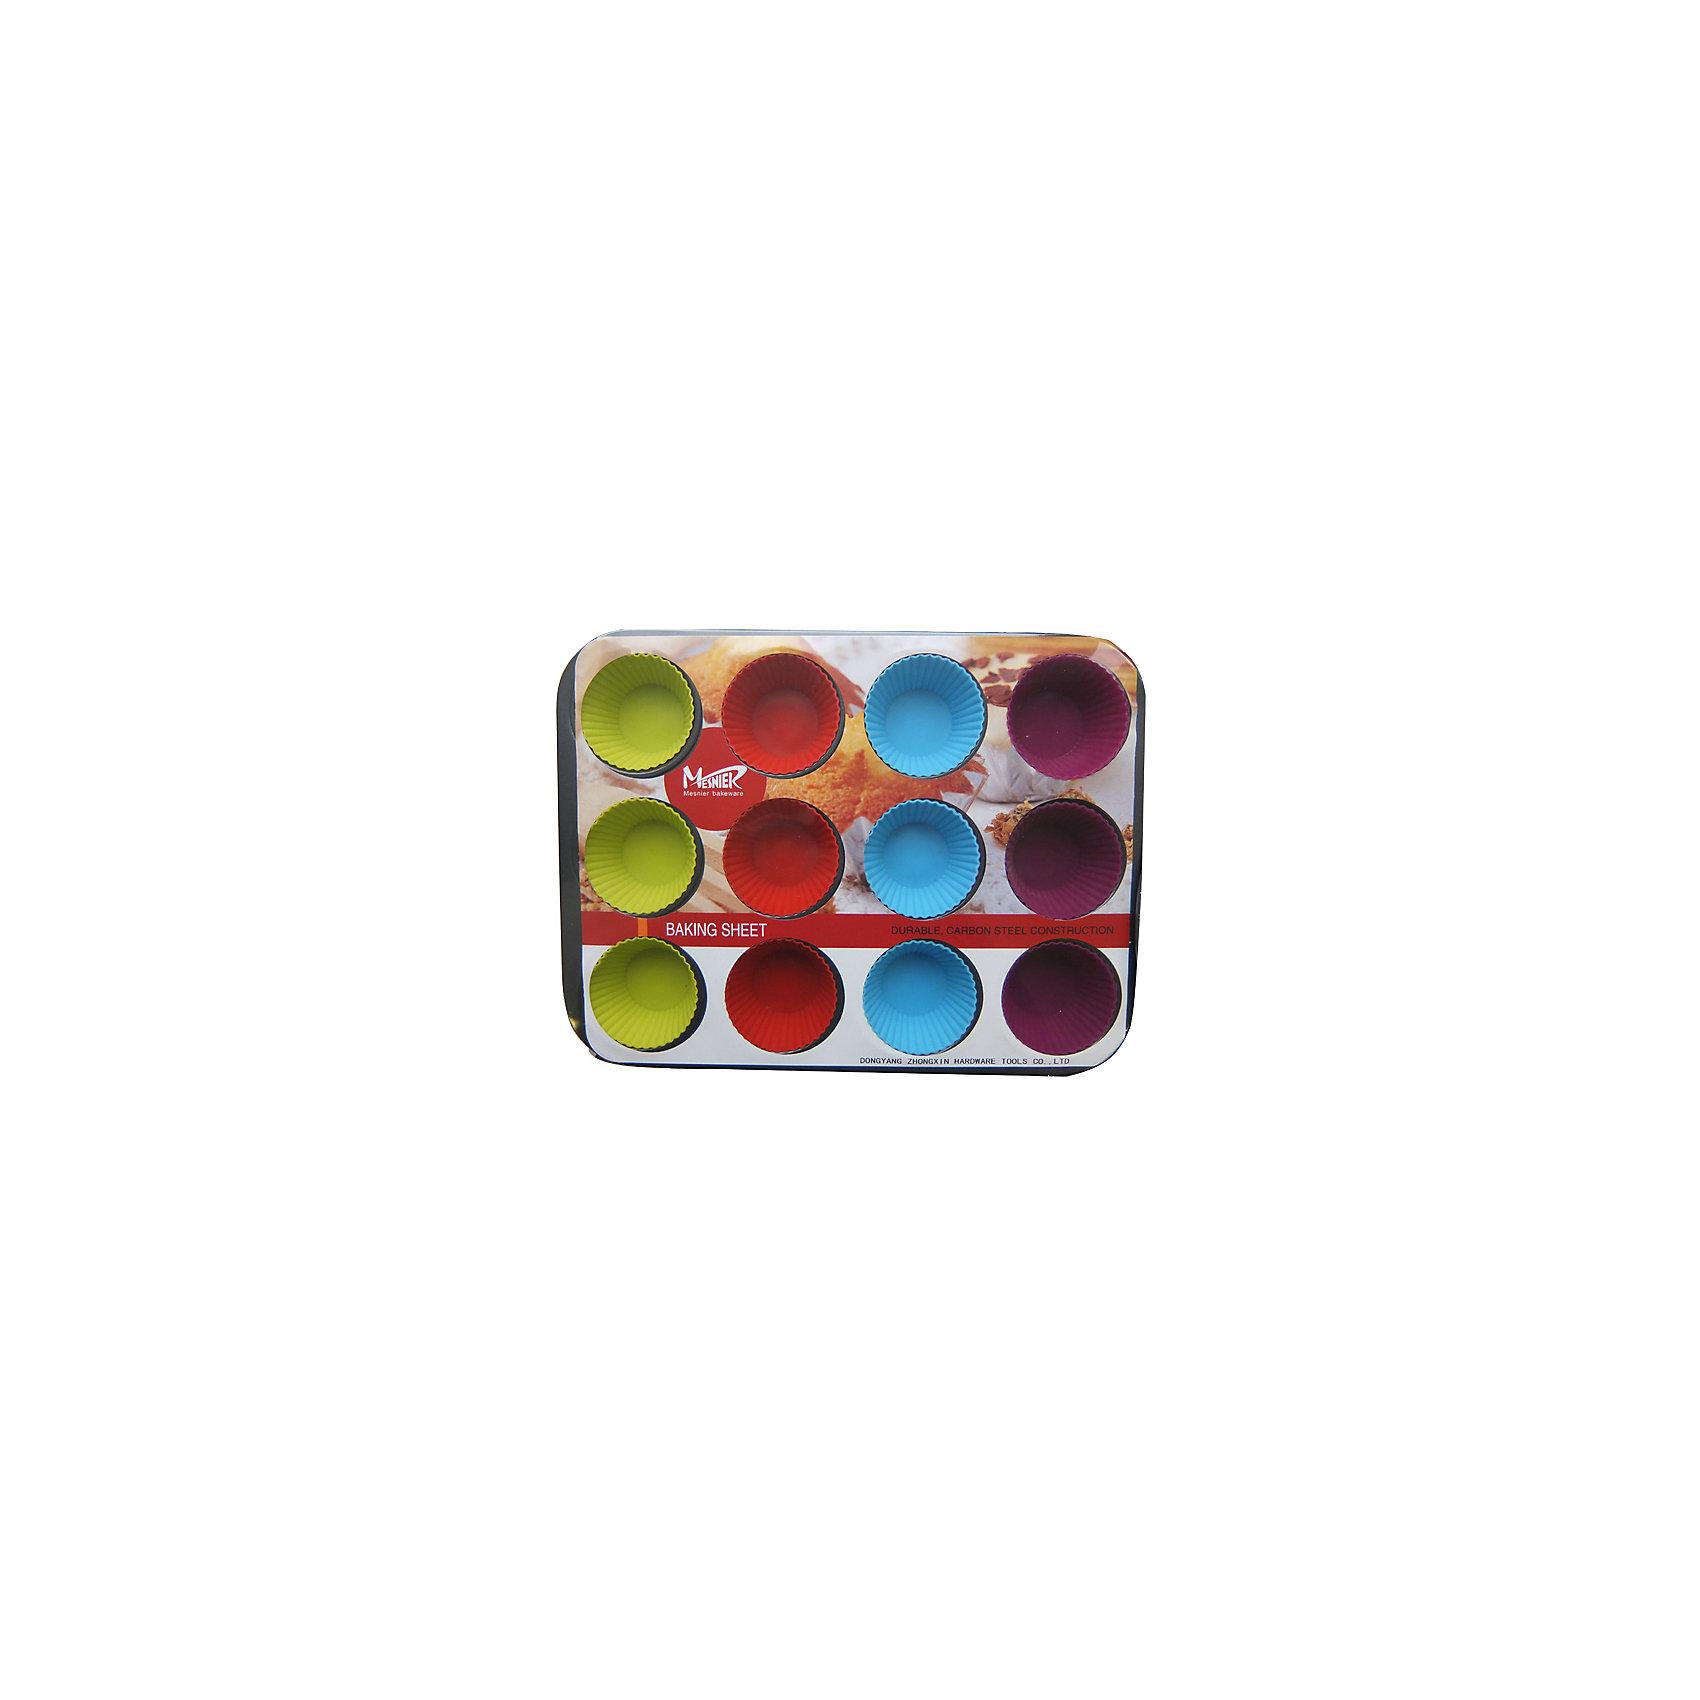 Набор: форма для пирога, 12 силиконовых форм для маффинов, МФК-профитДетская посуда<br>Набор: форма для пирога, 12 силиконовых форм для маффинов, МФК-профит.<br><br>Характеристики:<br><br>• В наборе: металлическая форма для пирога с антипригарным покрытием, 12 силиконовых форм для маффинов<br>• Материал: силикон, углеродистая сталь<br>• Размер упаковки: 39х28х4 см.<br>• Вес: 96 гр.<br><br>Набор, состоящий из металлической формы для пирога с антипригарным покрытием, 12 силиконовых форм для маффинов - это хорошее приобретение для любой хозяйки. Можно использовать как в газовой, так и в электрической духовке. Подходит для мытья в посудомоечной машине.<br><br>Набор: форма для пирога, 12 силиконовых форм для маффинов, МФК-профит можно купить в нашем интернет-магазине.<br><br>Ширина мм: 390<br>Глубина мм: 280<br>Высота мм: 40<br>Вес г: 96<br>Возраст от месяцев: 36<br>Возраст до месяцев: 1188<br>Пол: Унисекс<br>Возраст: Детский<br>SKU: 5601151